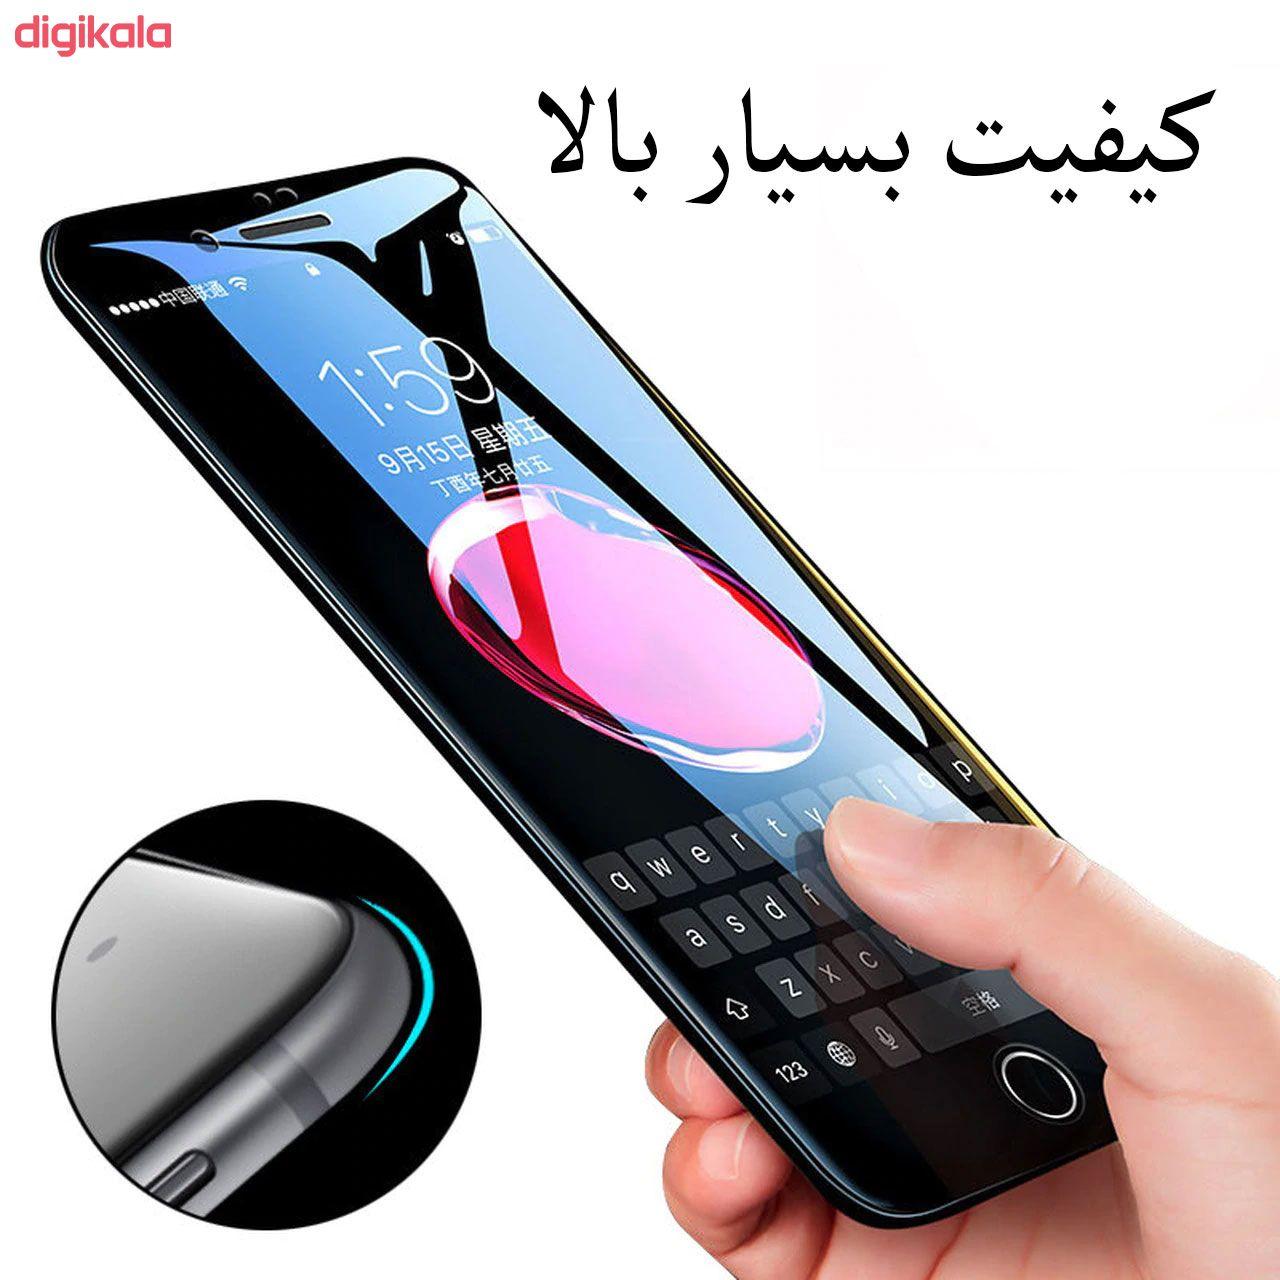 محافظ صفحه نمایش مدل FCG مناسب برای گوشی موبایل اپل iPhone 7 Plus main 1 2